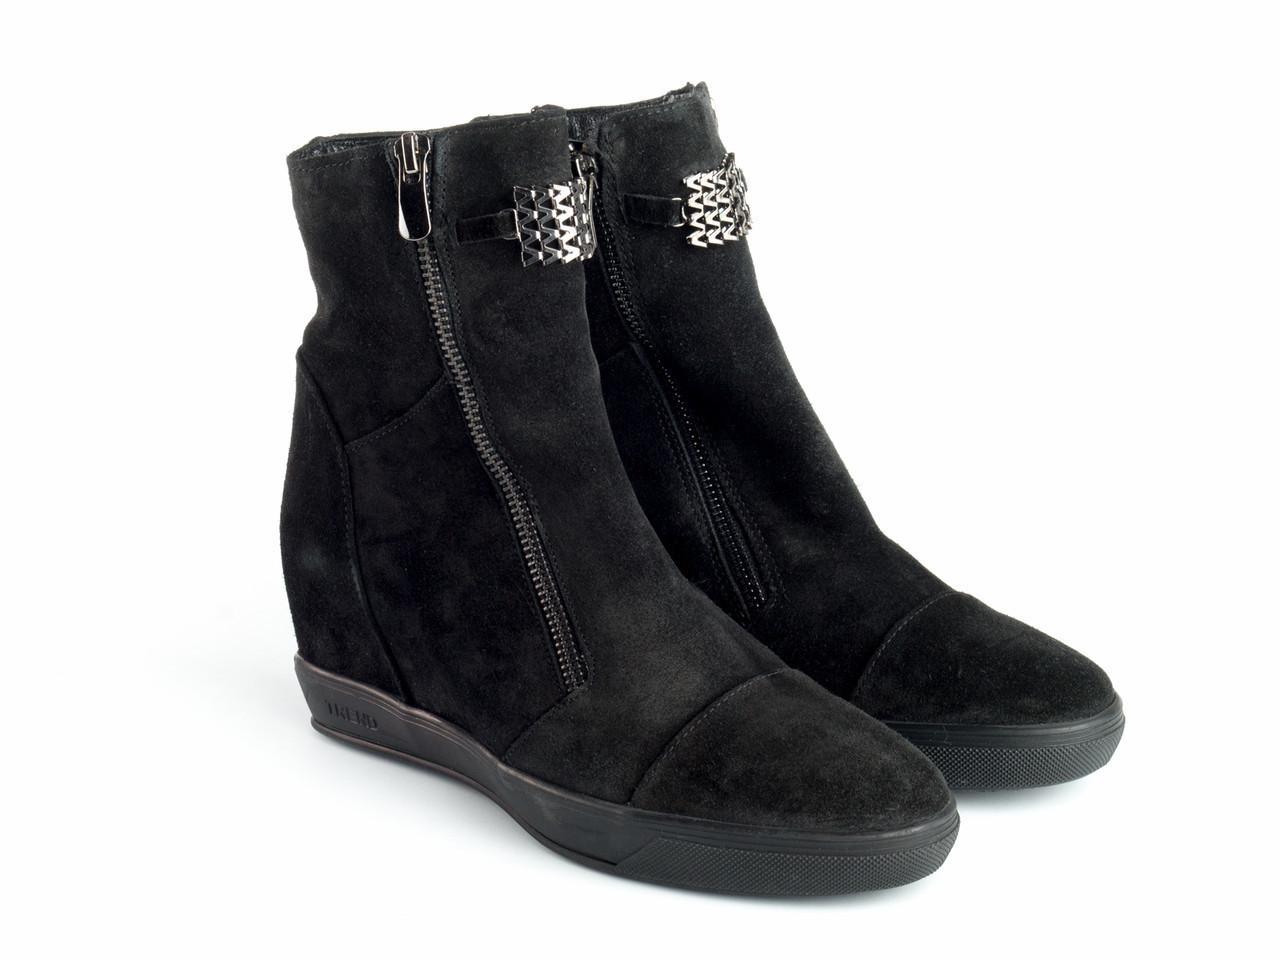 Ботинки Etor 6442-01058 40 черные